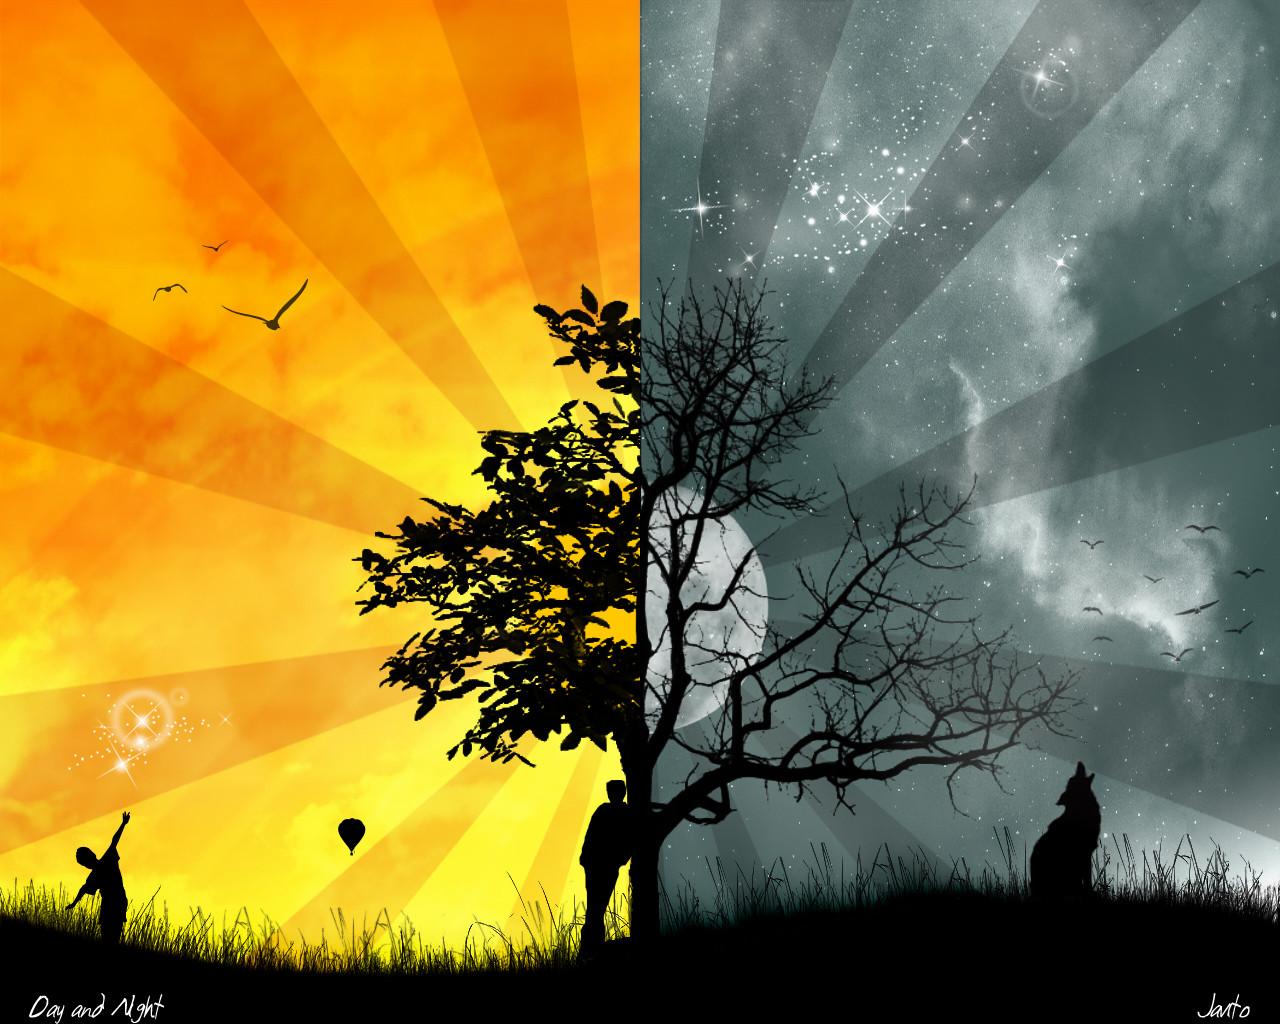 http://3.bp.blogspot.com/_auhfW6OaW9E/S_FyR8jYkVI/AAAAAAAAAWg/DLnLDUfROx4/s1600/cool-wallpapers.jpg